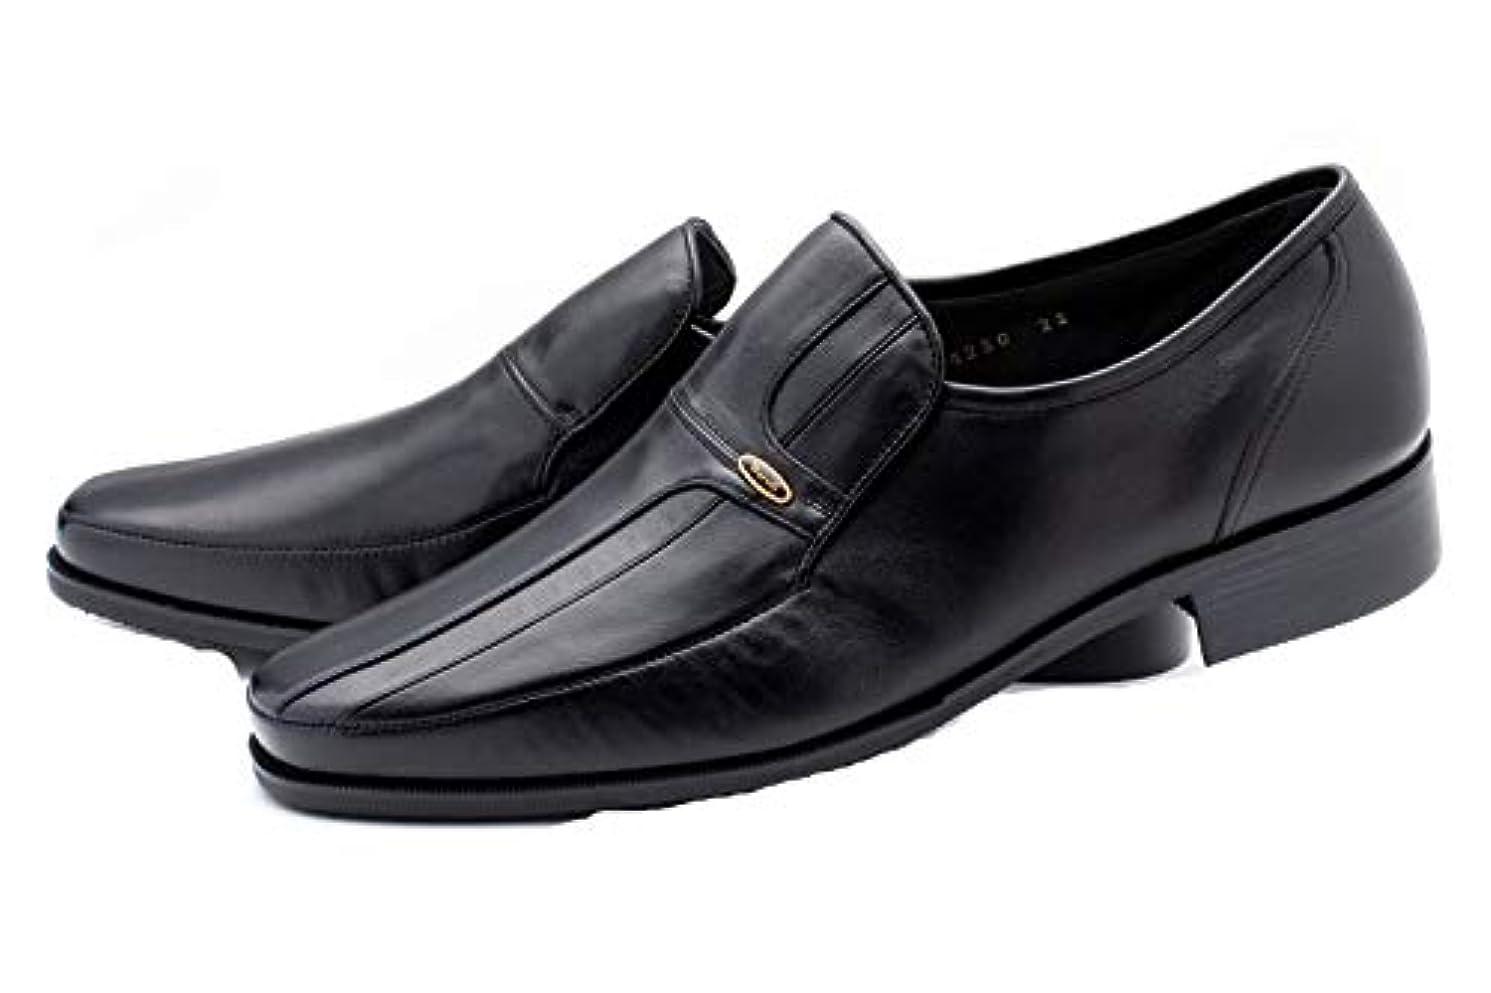 食物アプライアンス記述するMarelli マレリー MR4230 ビジネスシューズ 紳士靴 (27, ブラック)